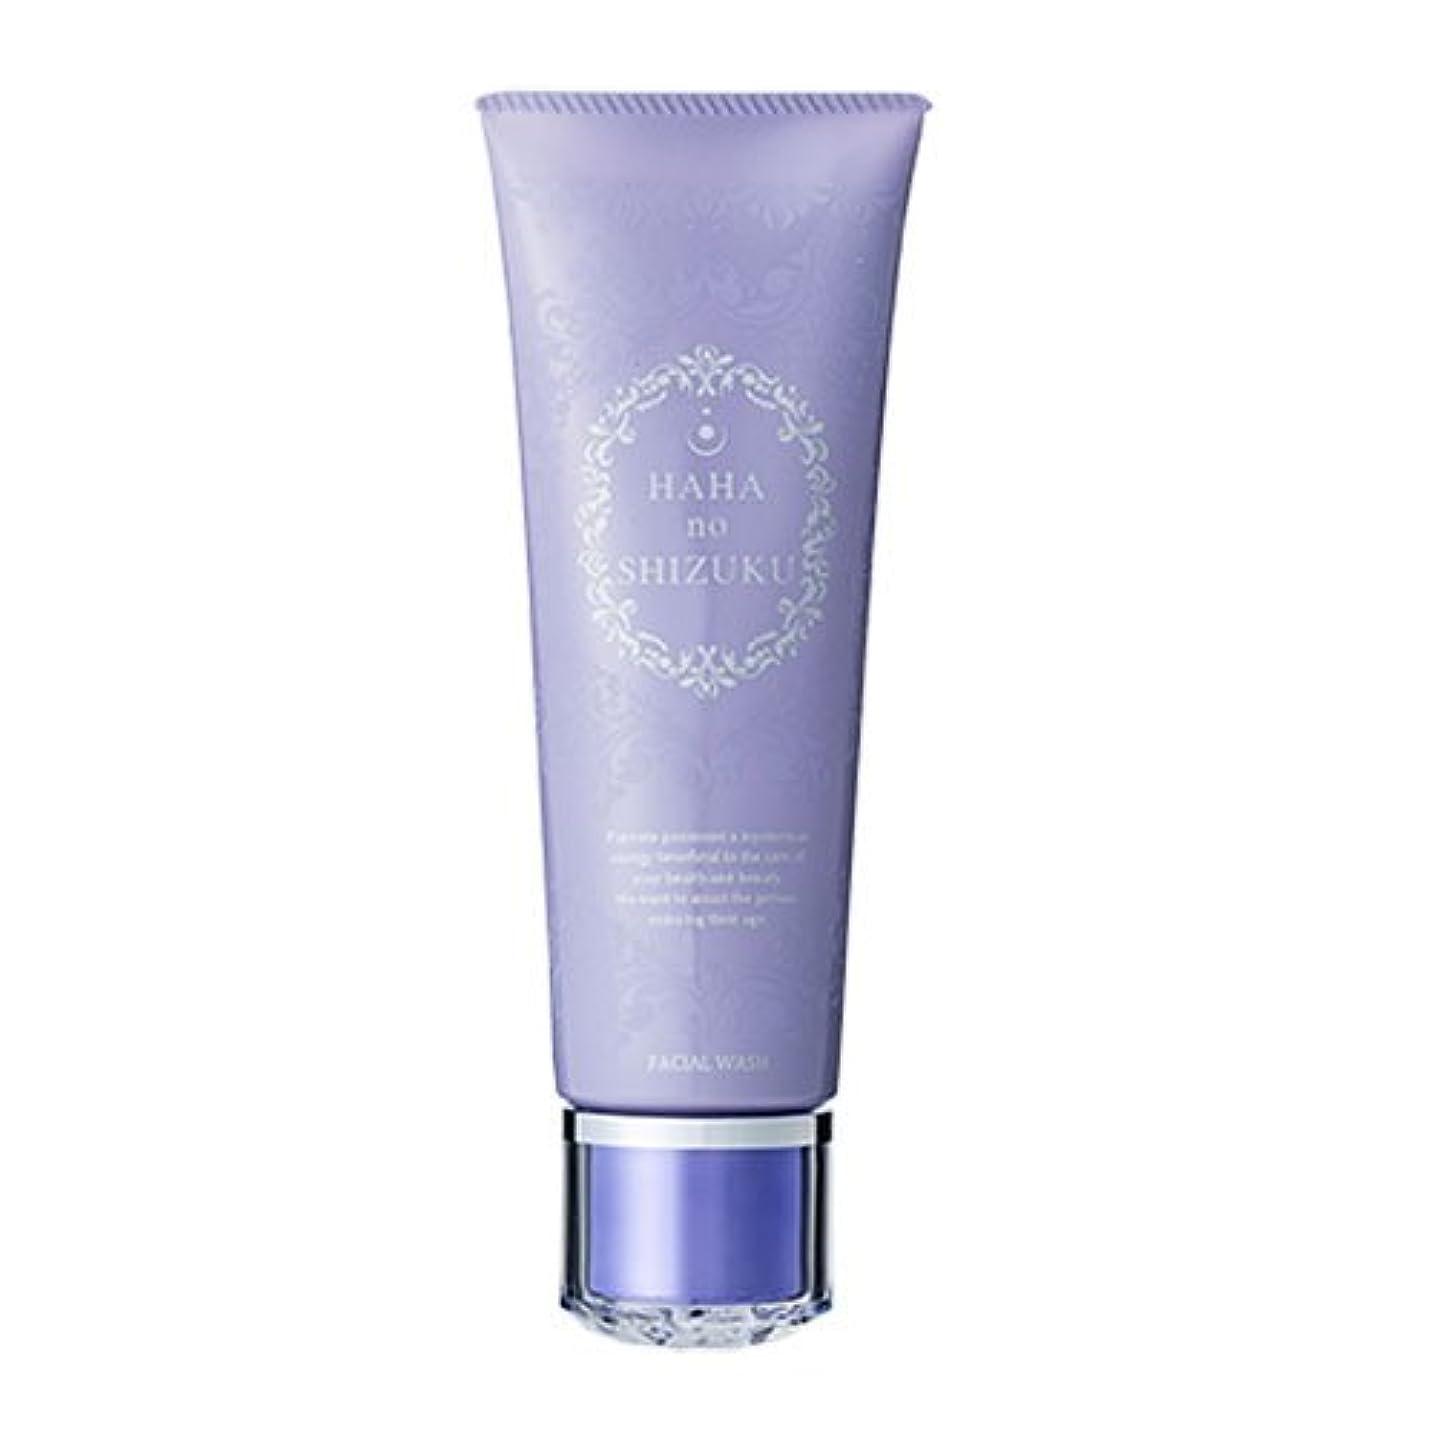 おじいちゃん休暇主要な母の滴 プラセンタ洗顔フォーム 敏感肌にも安心 アミノ酸系洗浄剤 (122g) プラセンタエキス サイタイエキス ヒアルロン酸